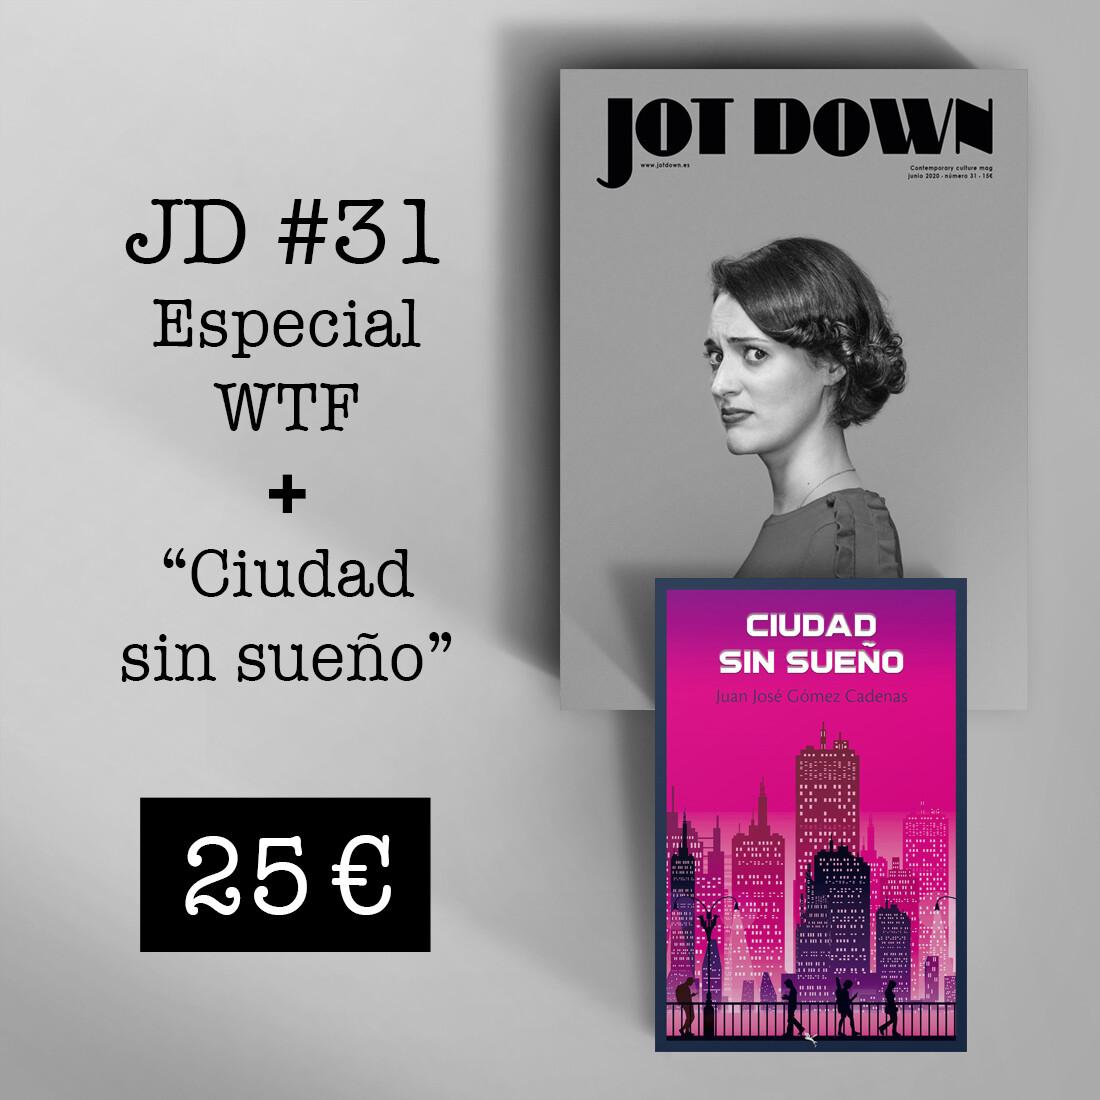 Jot Down nº 31 «WTF» + Ciudad sin sueño